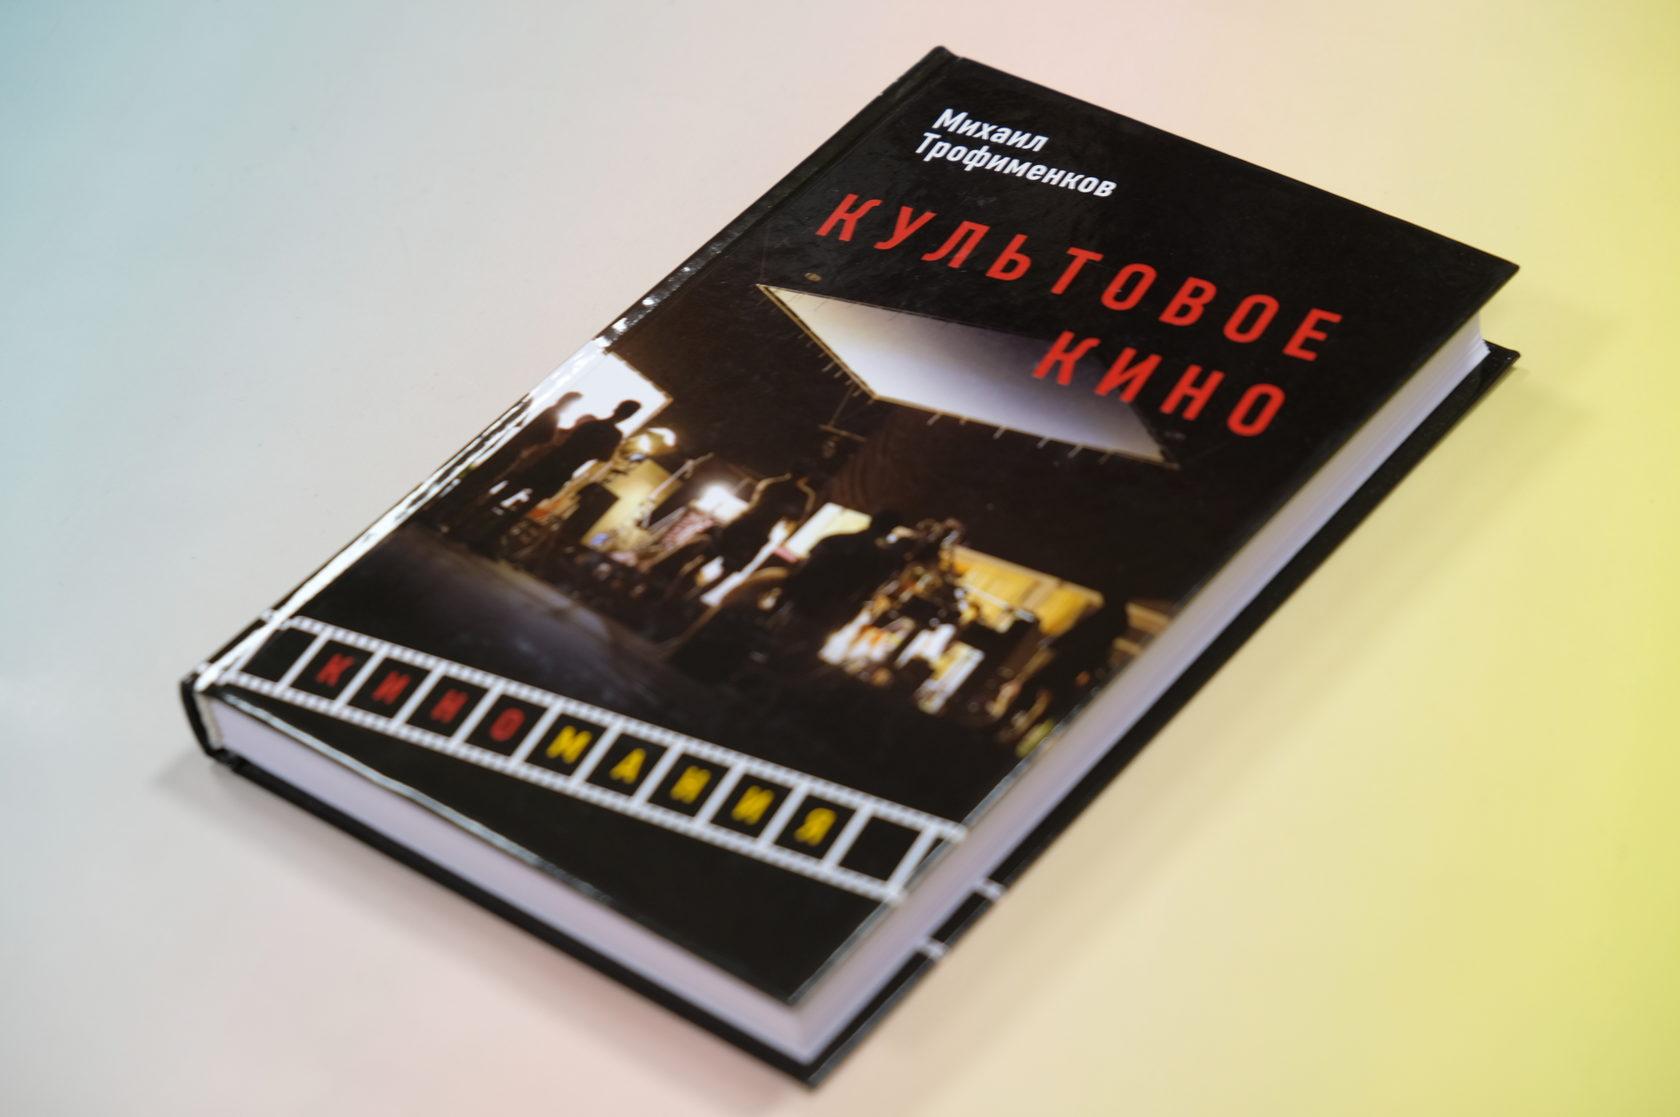 Михаил Трофименков «Культовое кино» , 978-5-04-097243-2